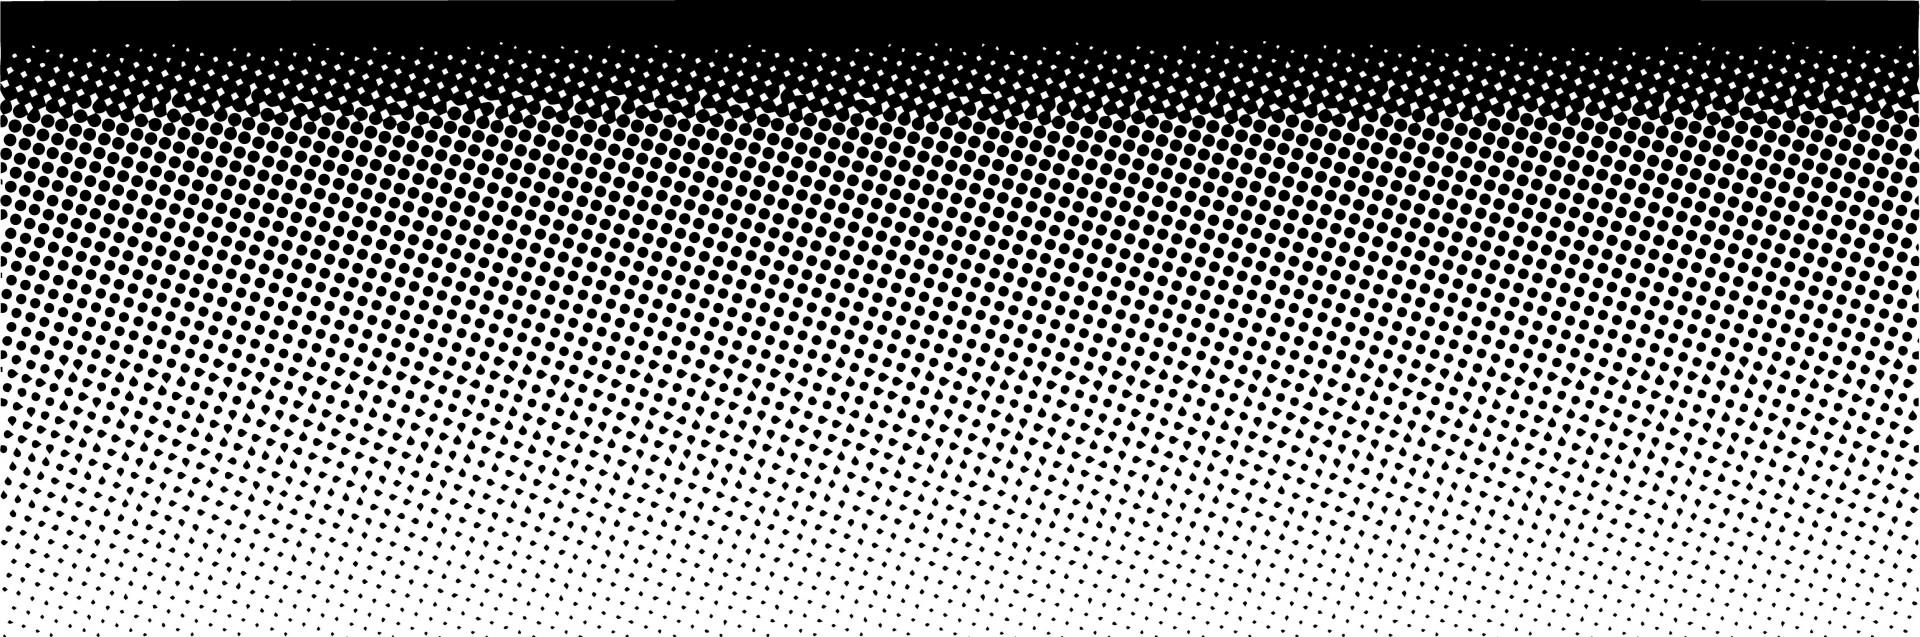 что фоторедактор с эффектом белых точек того, шпинат довольно